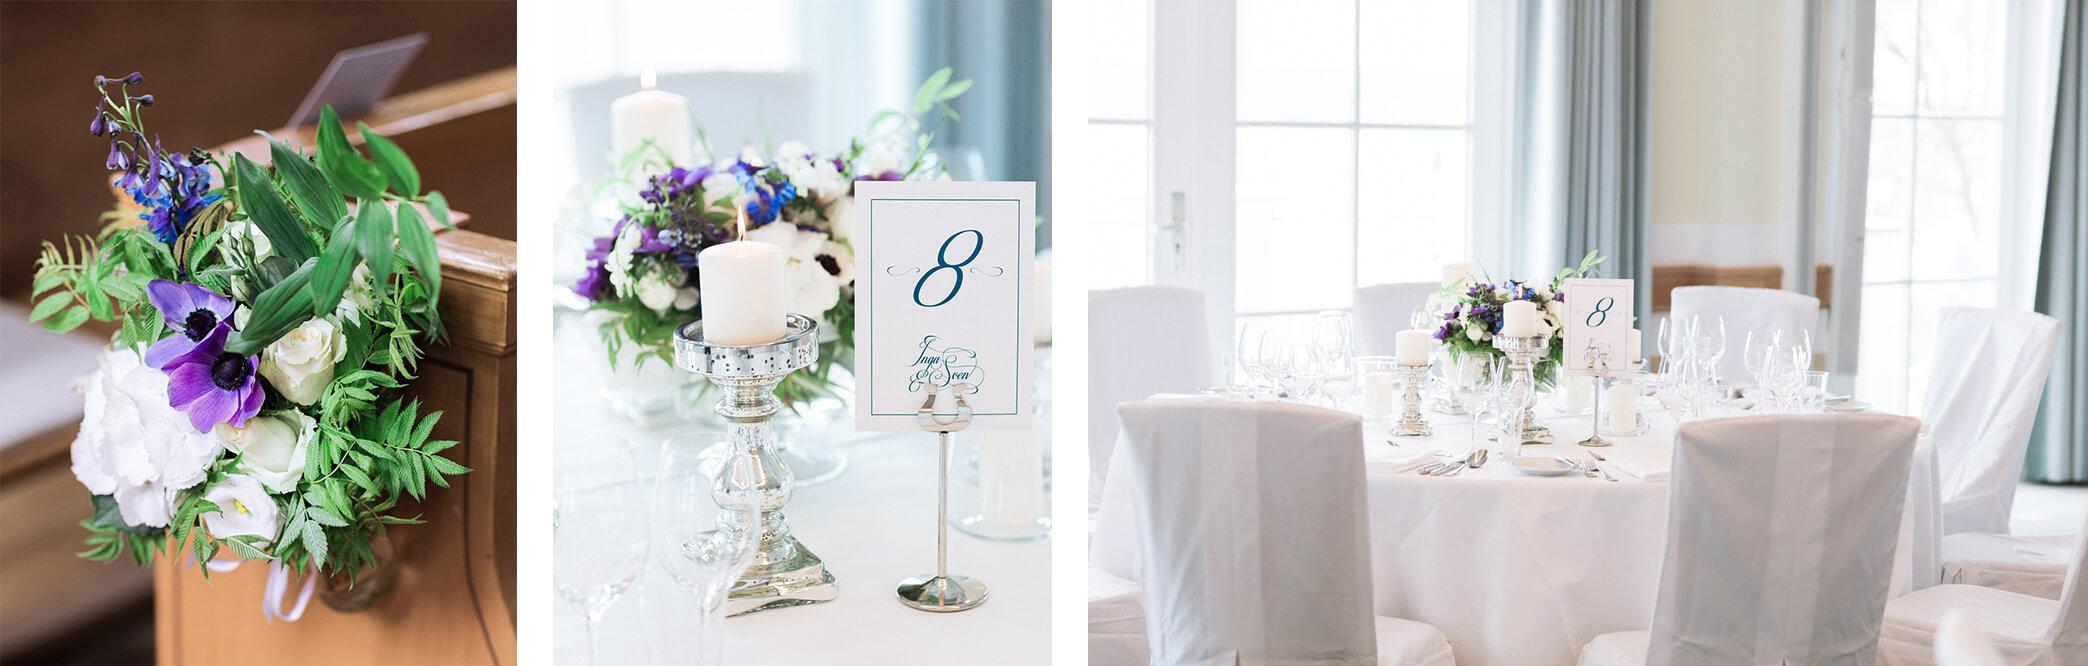 individuelles Logodesign Hochzeit